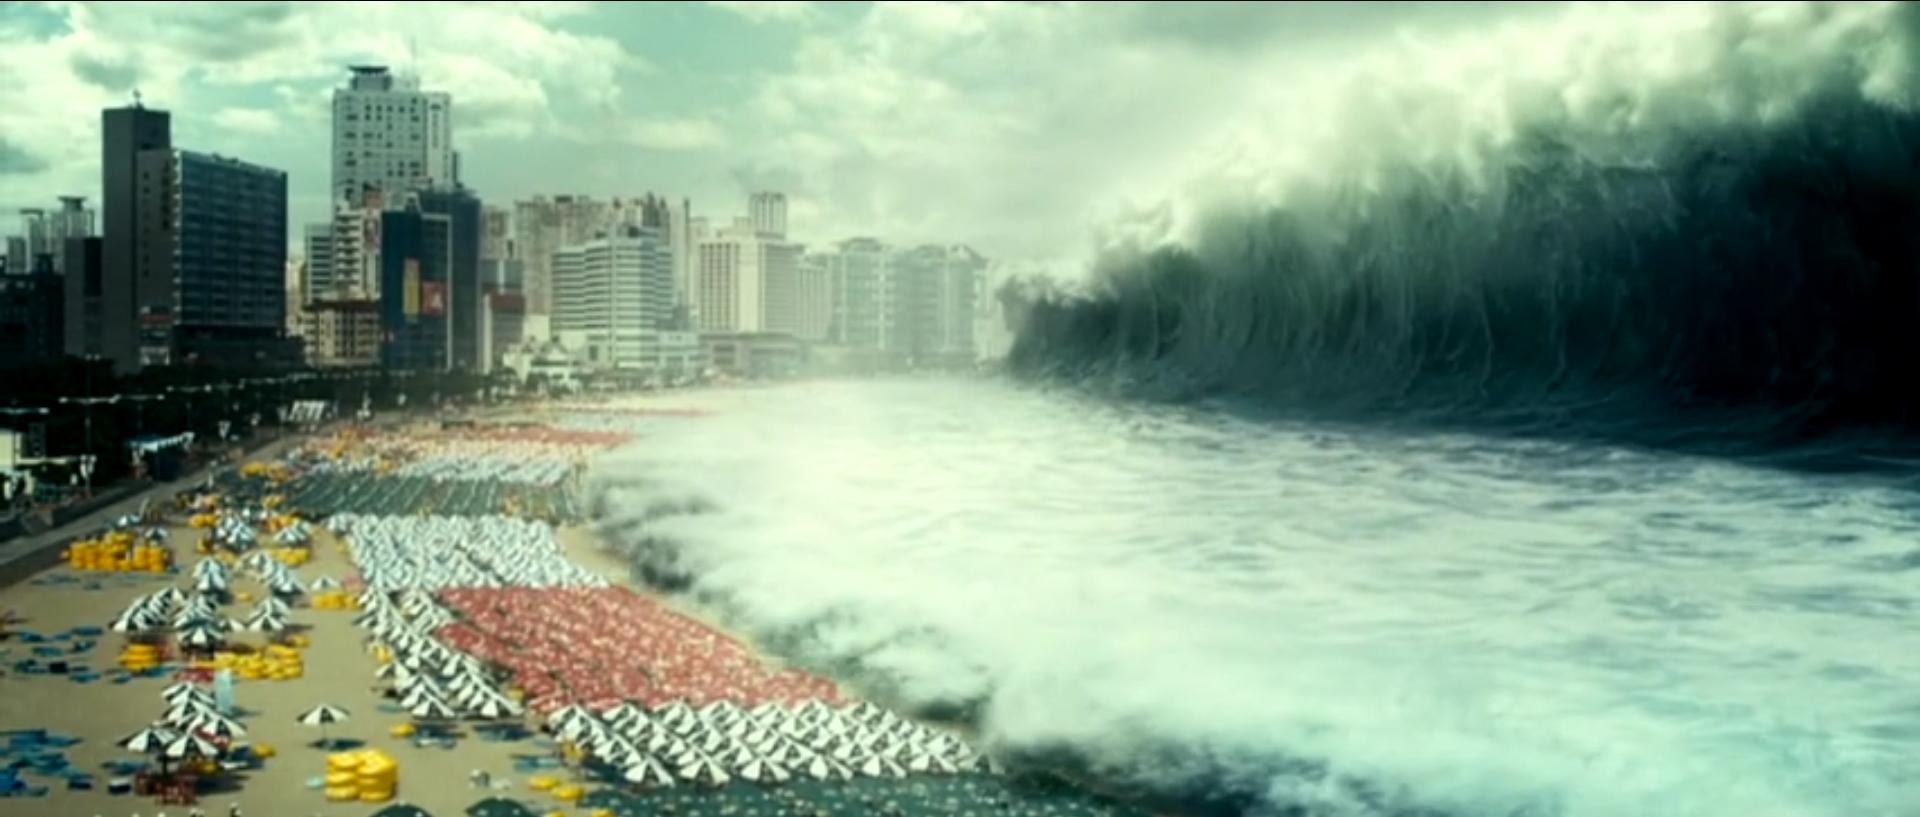 如果50米高的海啸来袭,是跑向内陆好,还是迎面扎进水里好? 原创怪罗科普2021-02-15 13:23:31 如果50米高的海啸来袭,是跑向内陆好,还是迎面扎进水里好? 随着全球化趋势越来越明显,沿